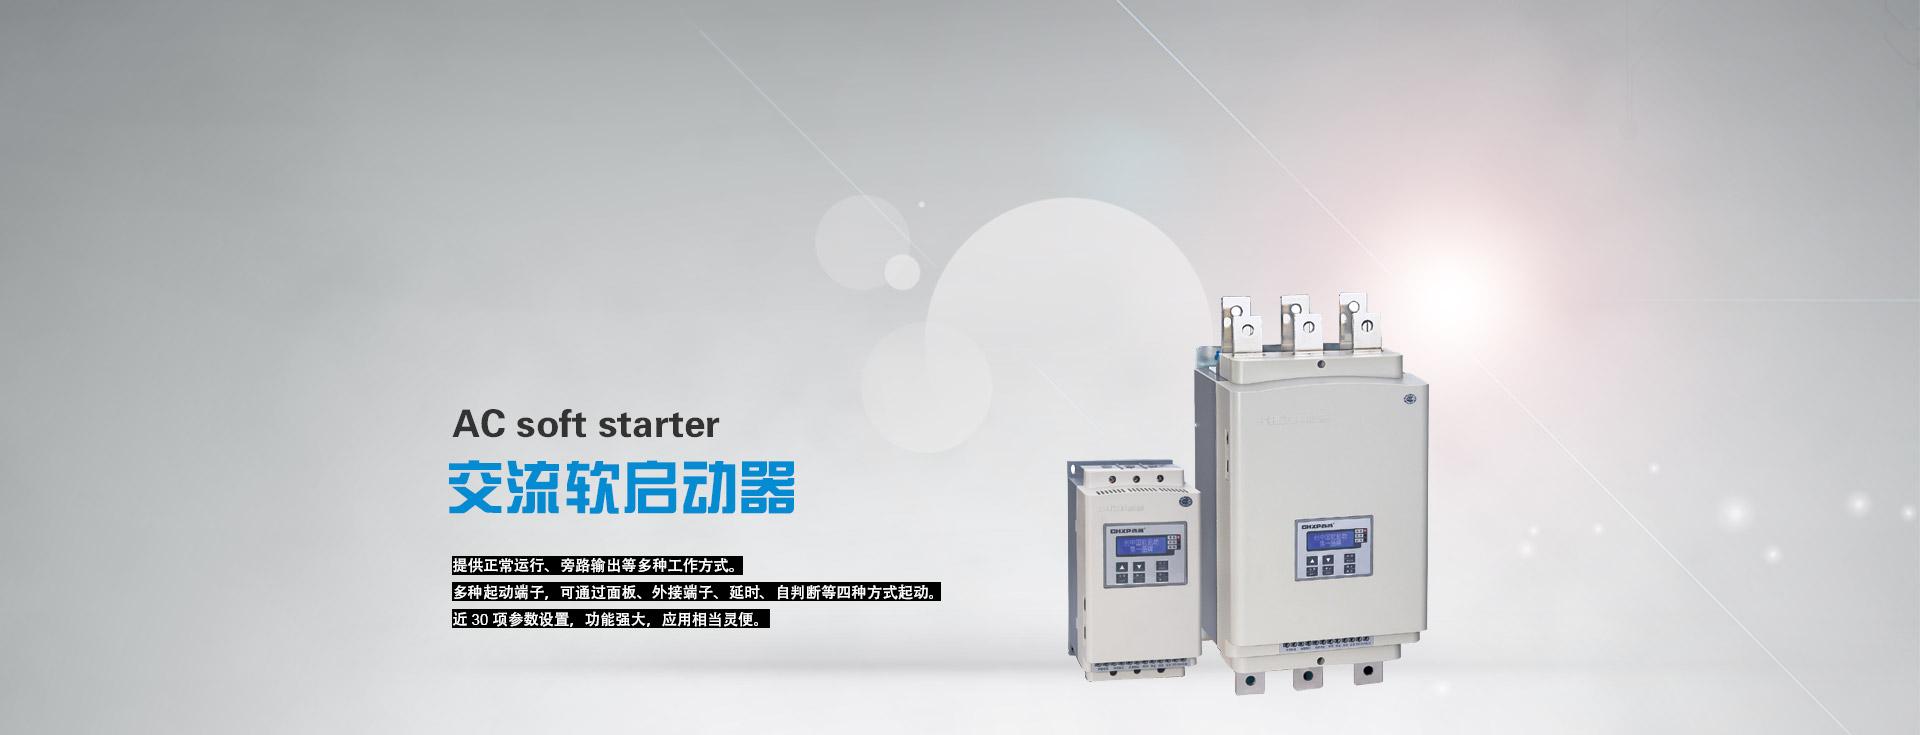 山东电机软启动器厂家